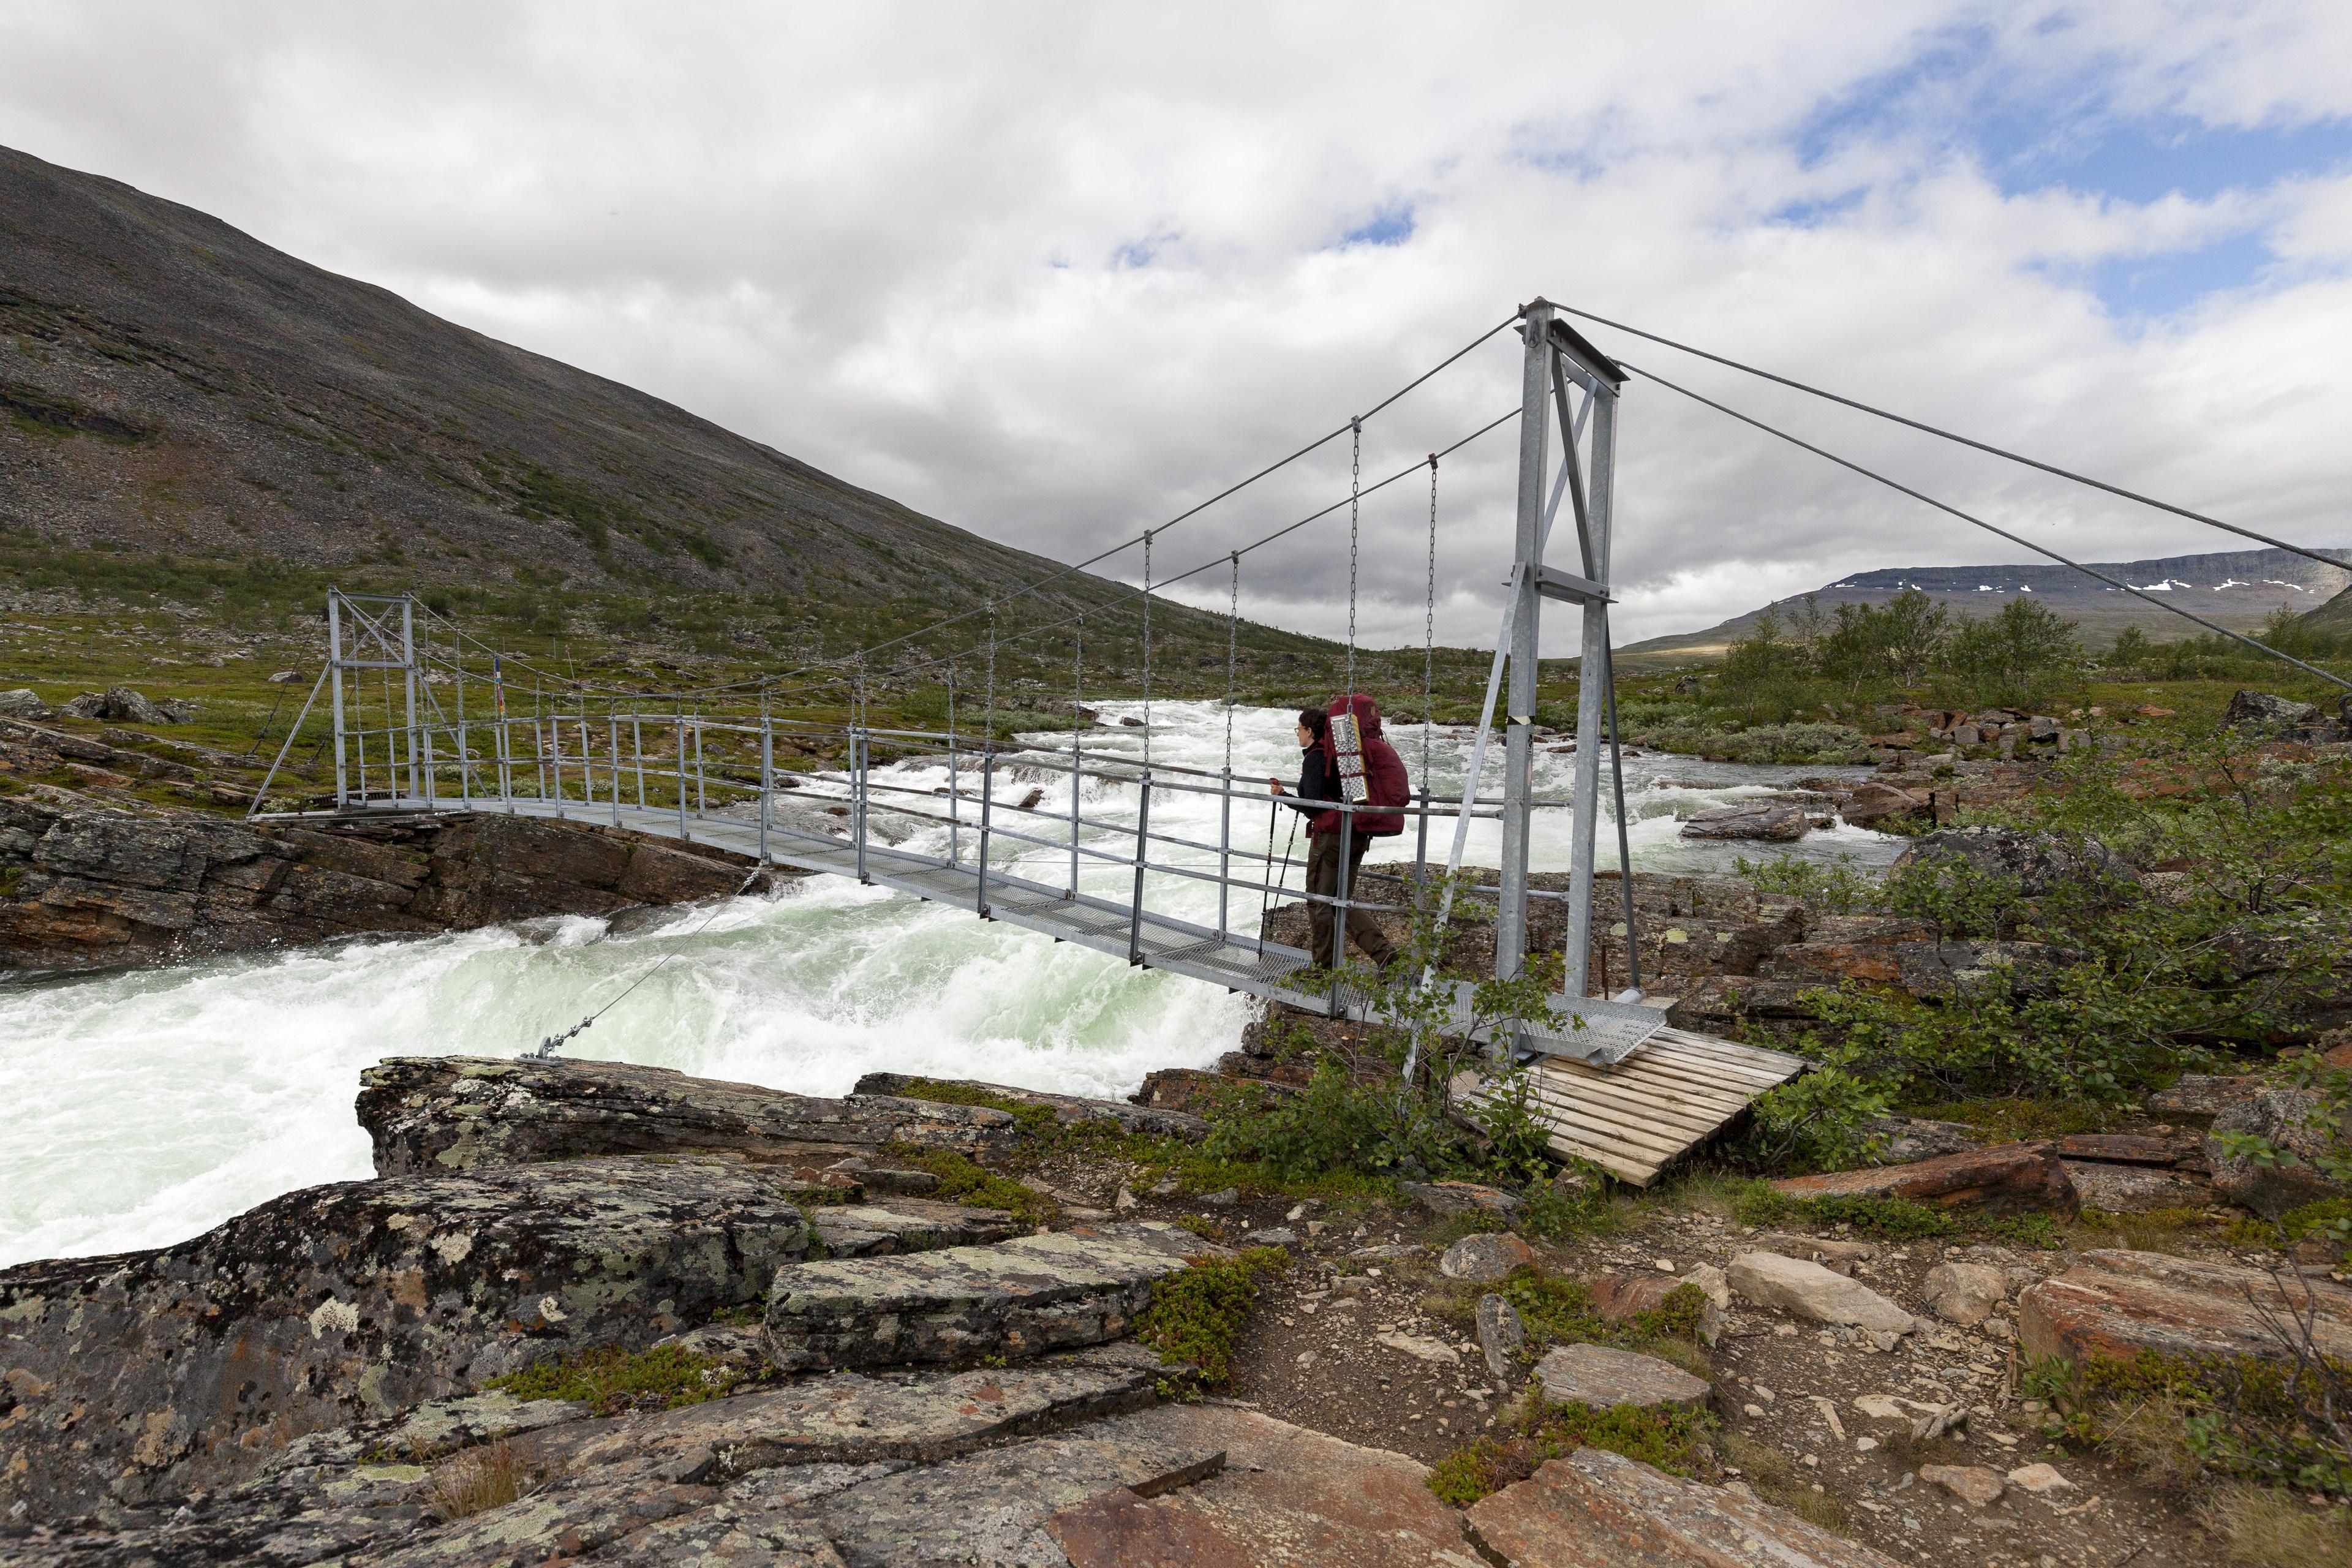 Hängebrücke über den Kaitumjåkka – wie gut, dass es hier eine Brücke gibt,©Markus Proske—Canon EOS 5D Mark II, EF16-35mm f/4L IS USM, 16mm, 1/400s, Blende 8, ISO 200